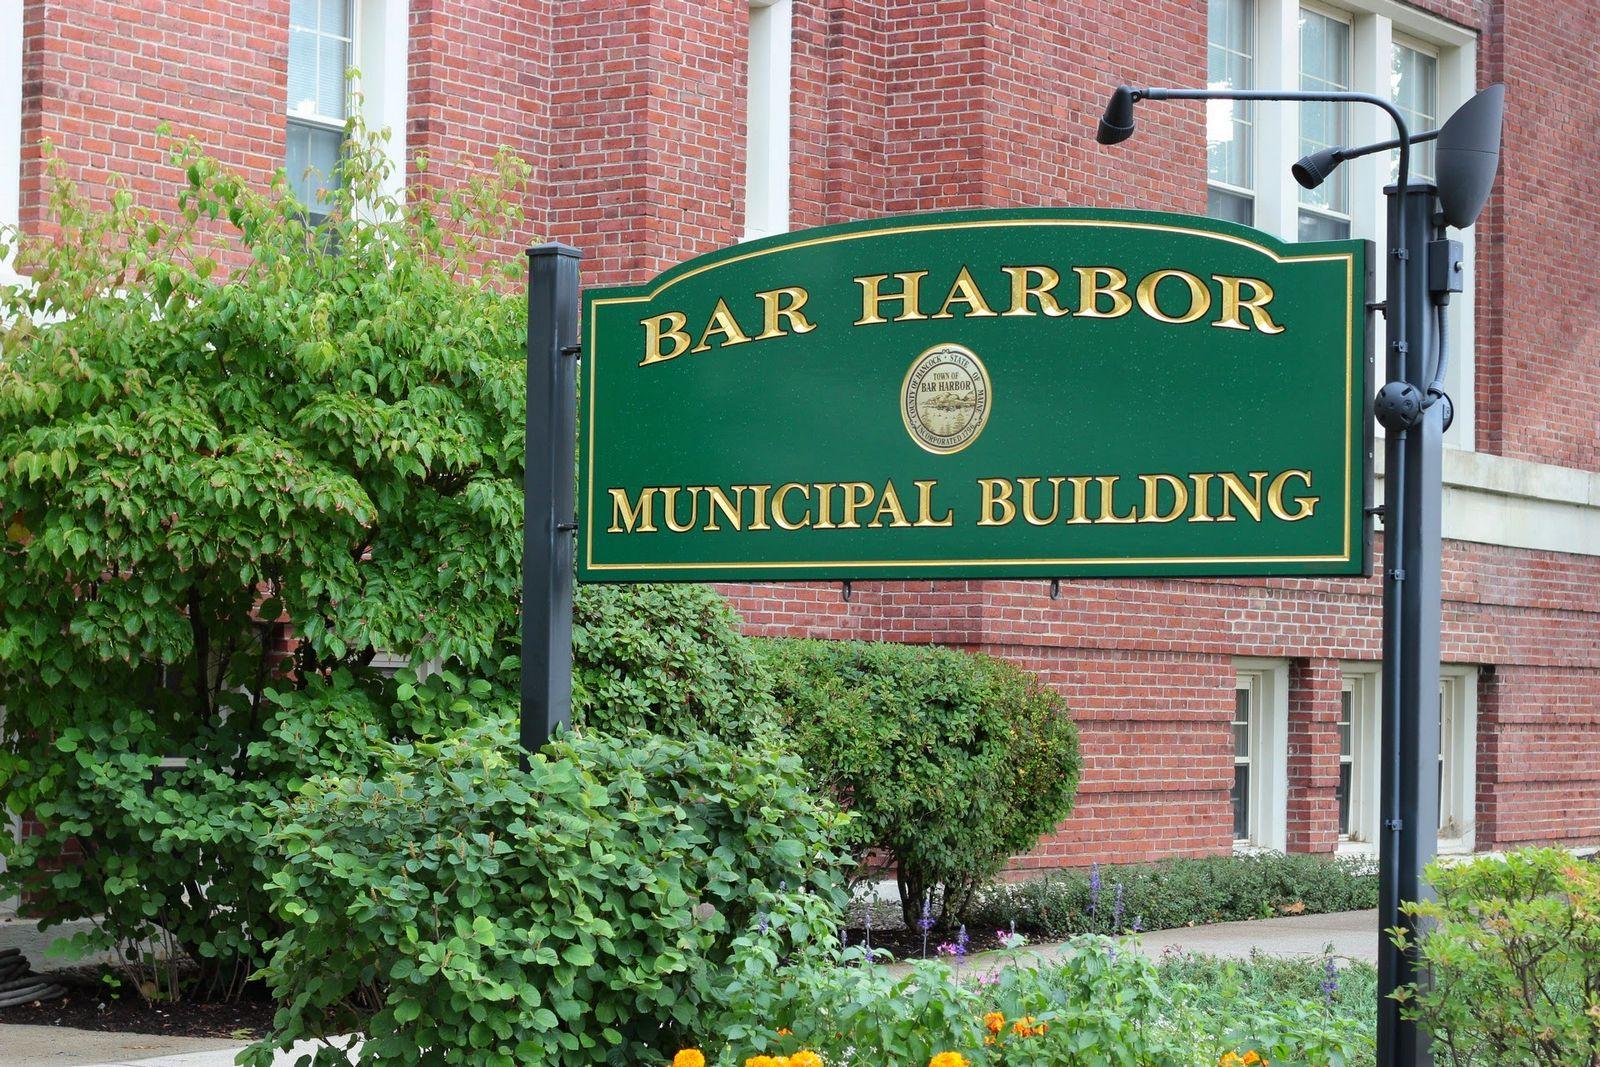 Acogedor, clásico... Bar Harbor me está gustando